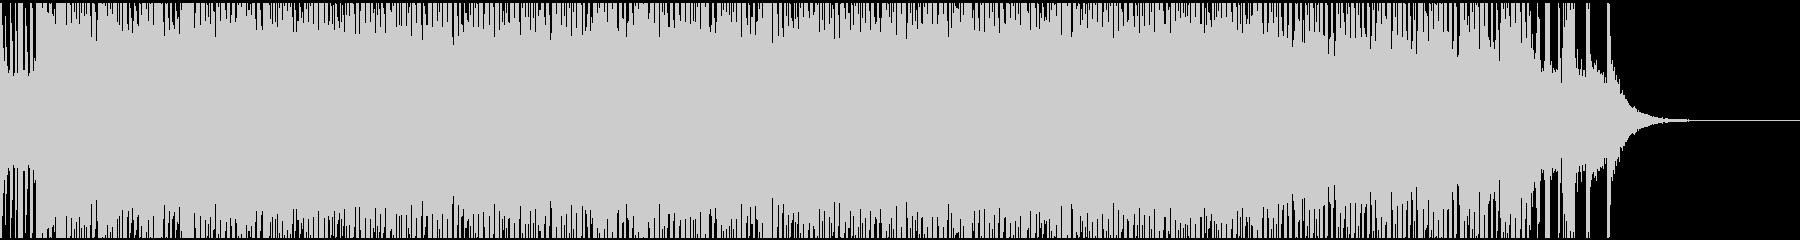 重たく力強いテクノサウンドの未再生の波形